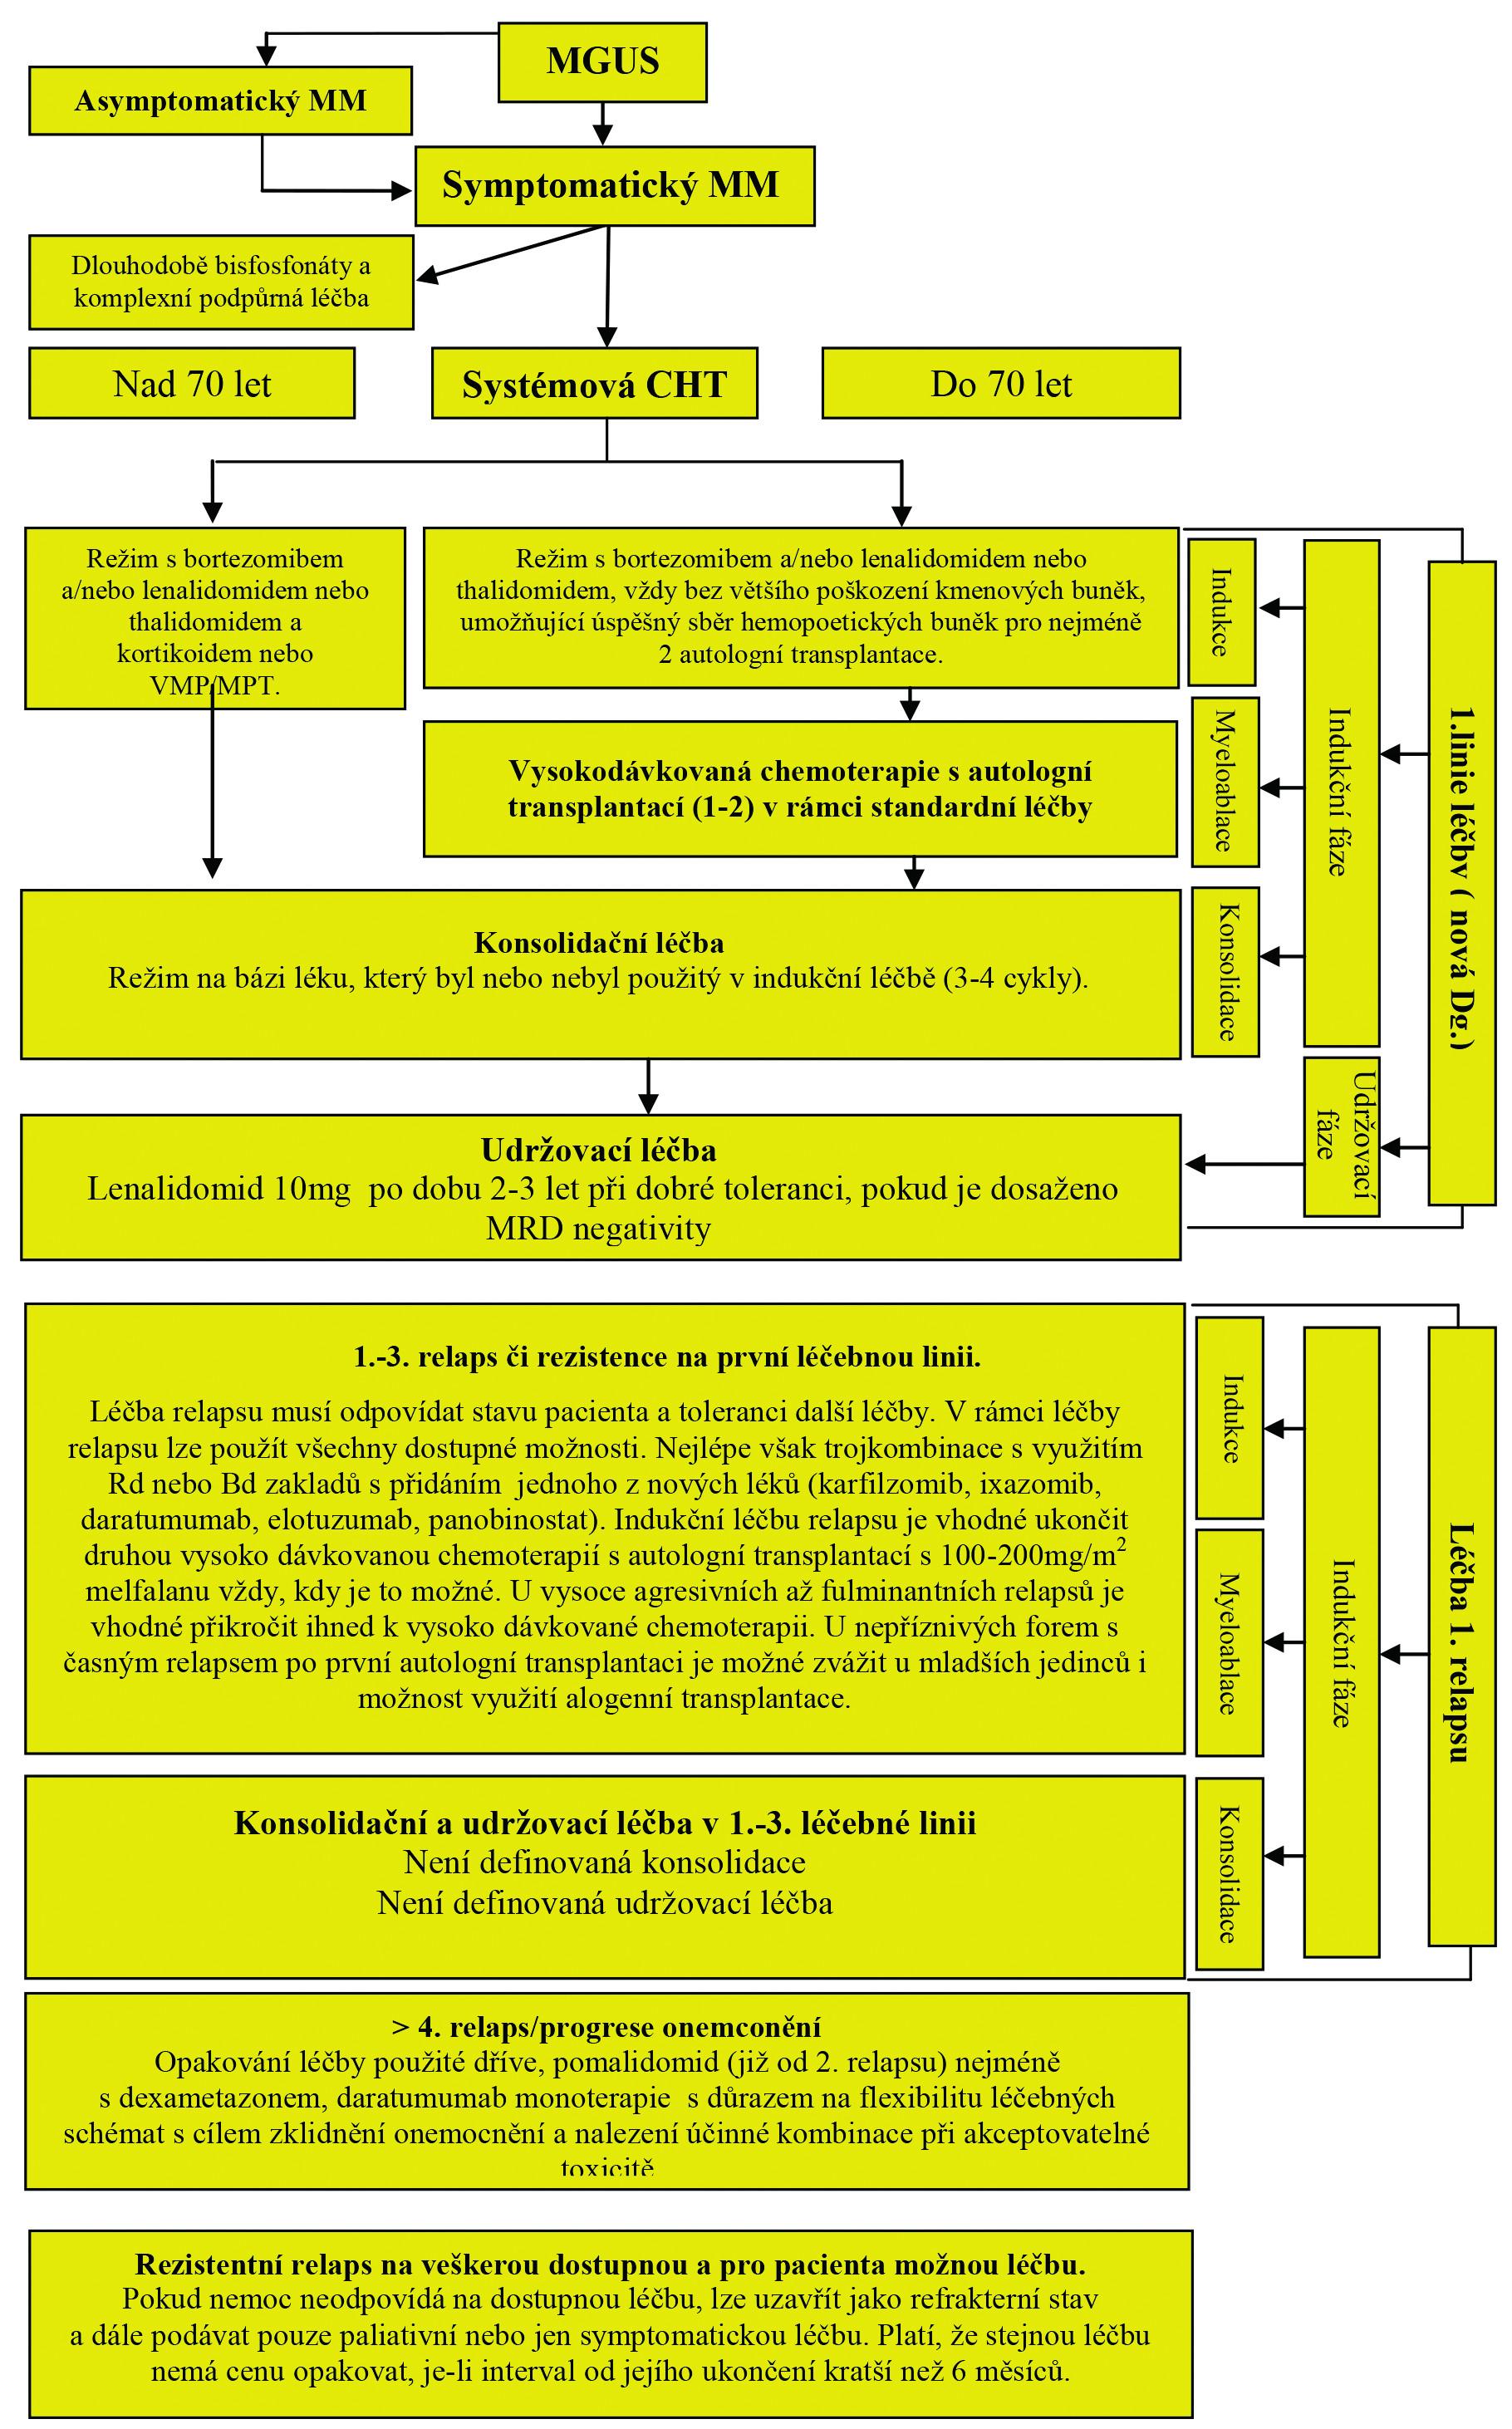 Obr. 6. 2 Základní algoritmus léčby mnohočetného myelomu od roku 2018